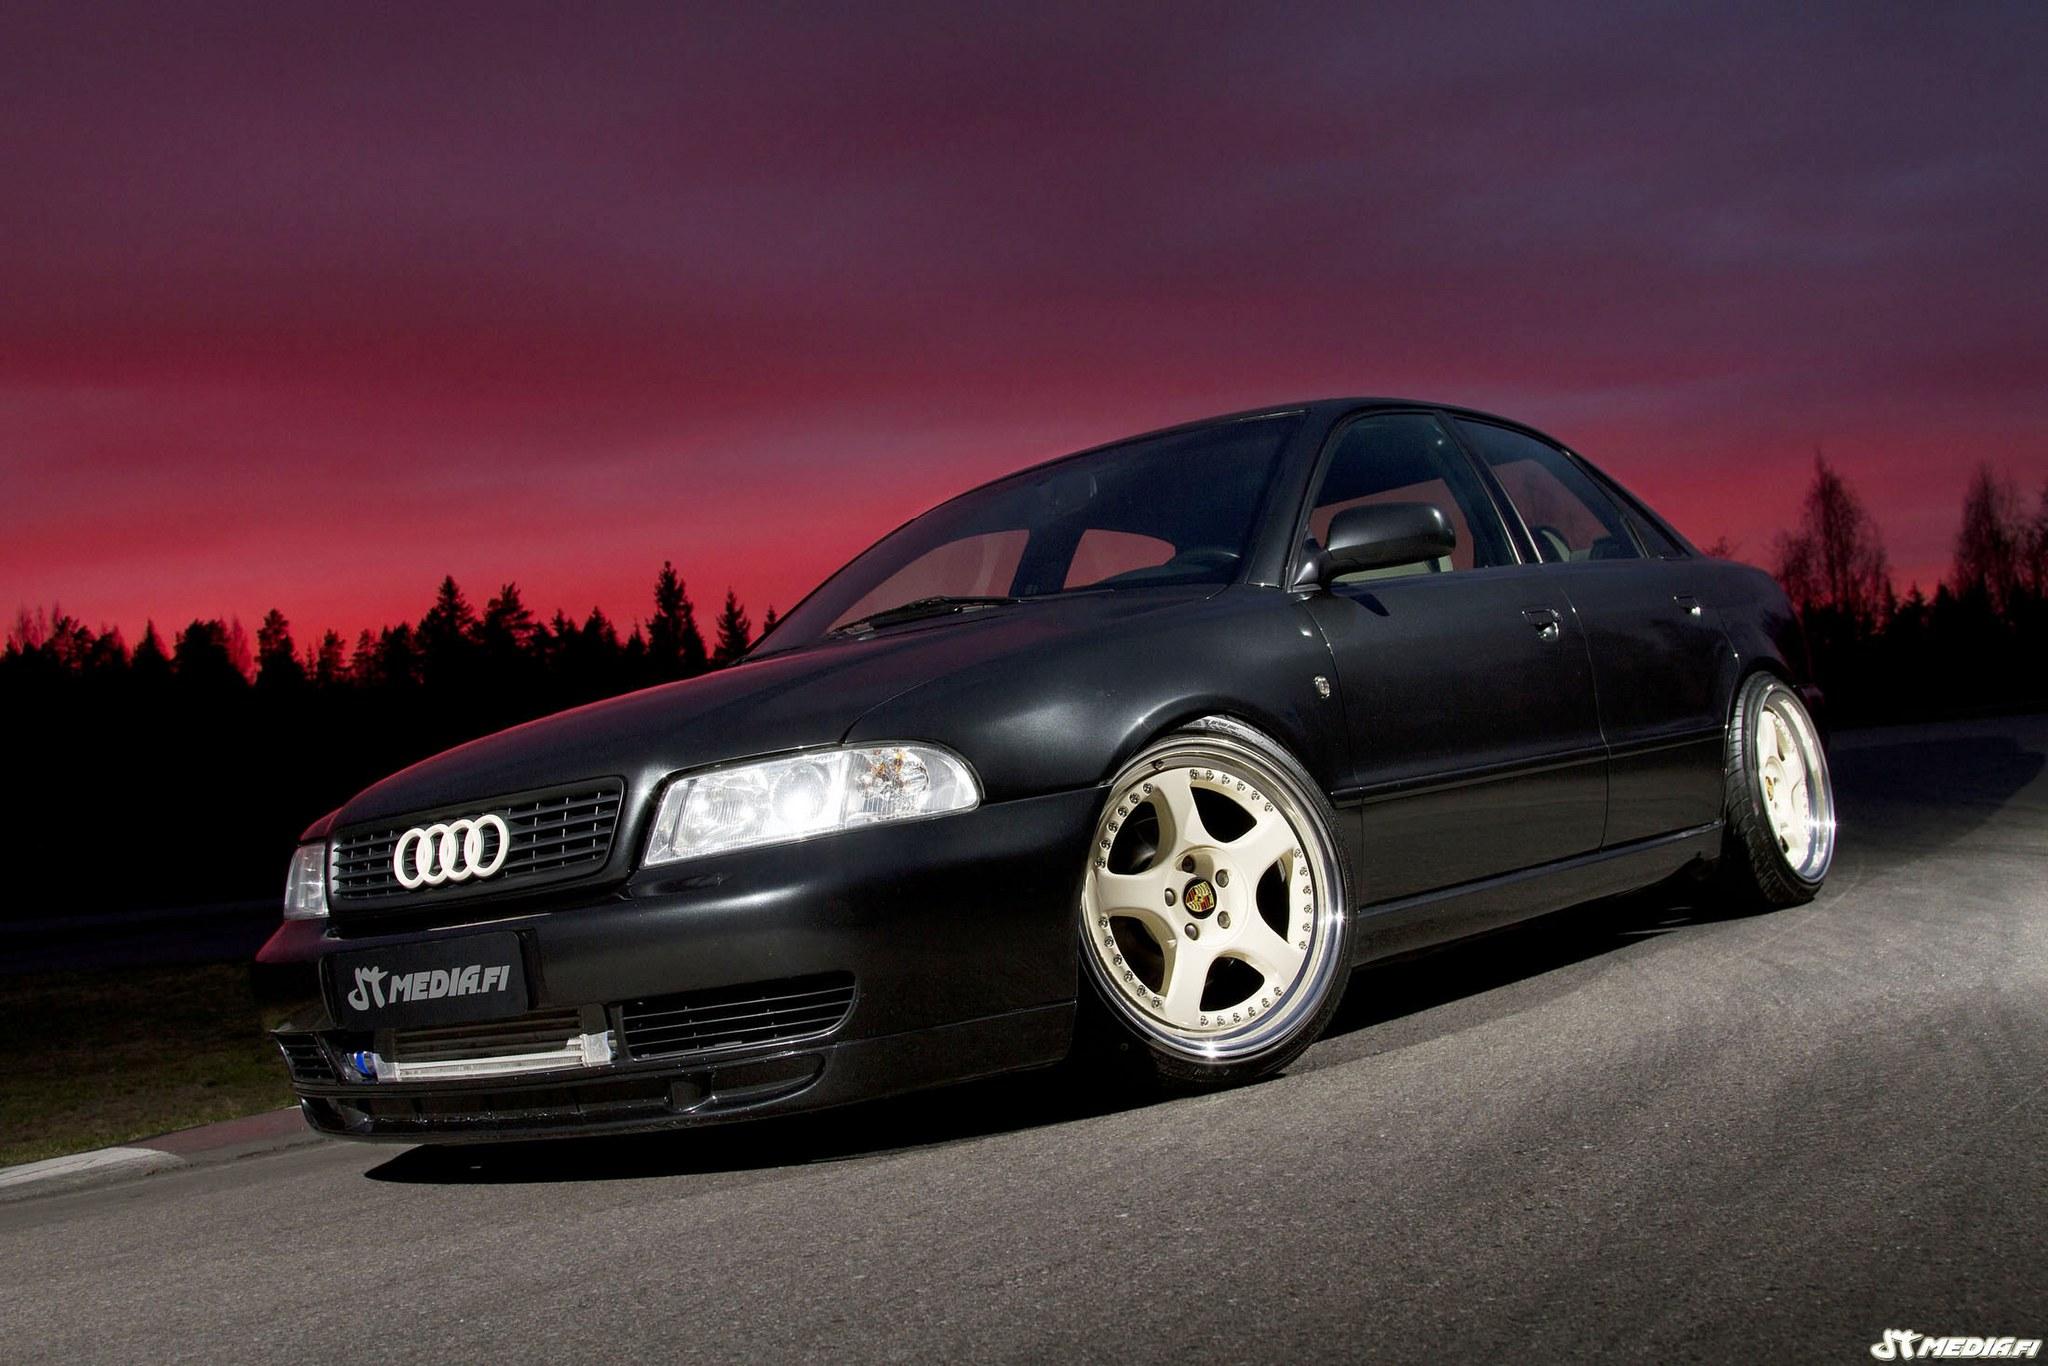 Audi A4 1 8tq B5 Sedan